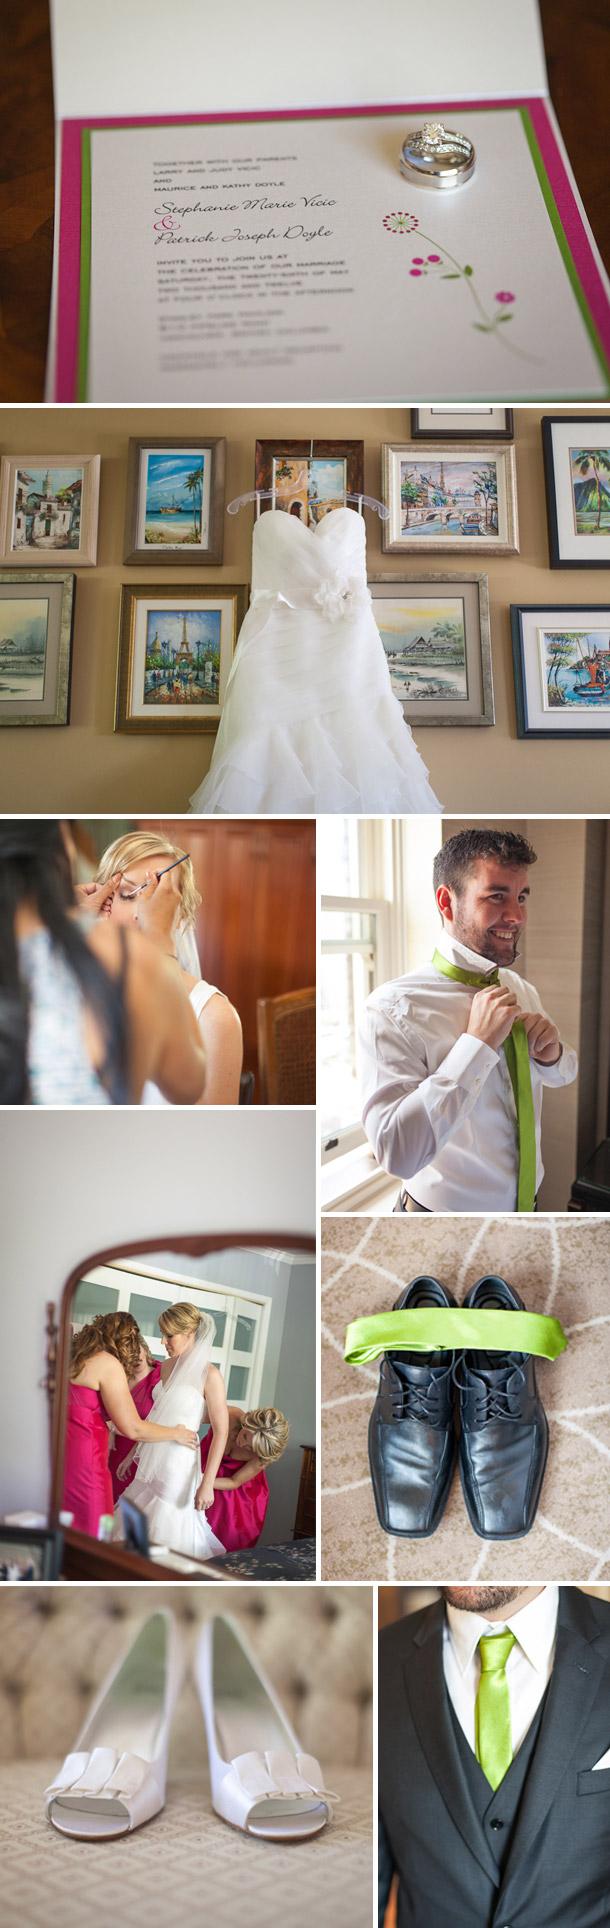 Stephanie und Patricks Hochzeit von Mikaela Ruth Photography